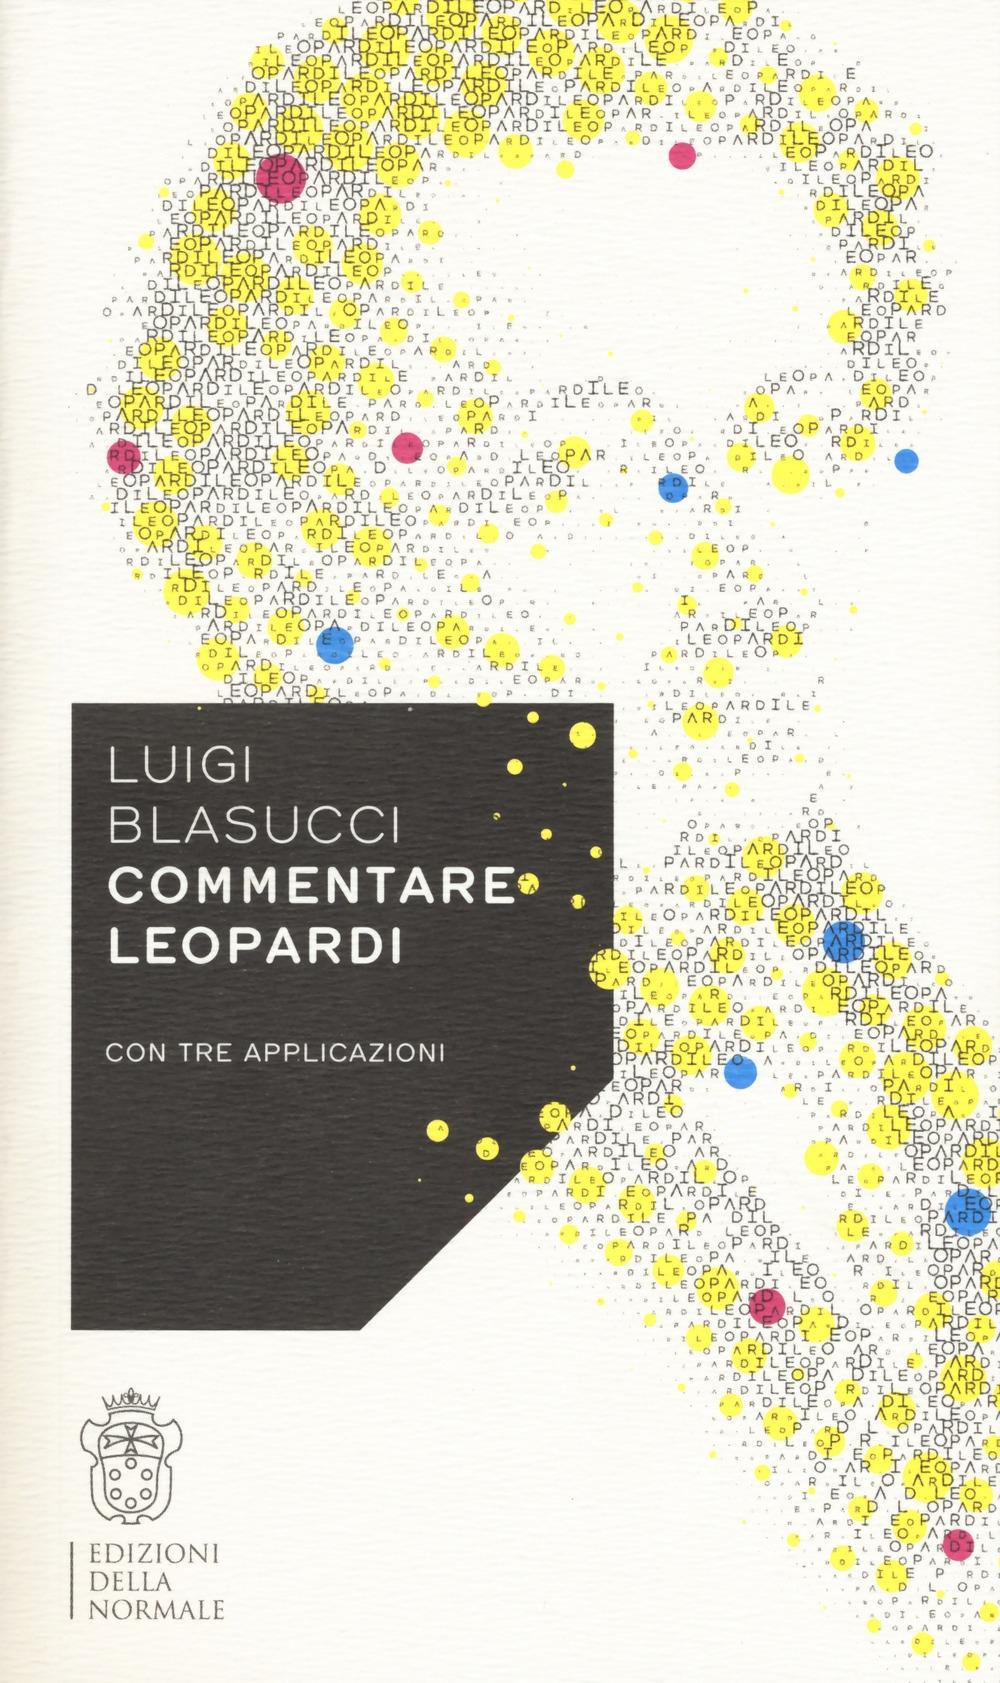 Commentare Leopardi con tre applicazioni